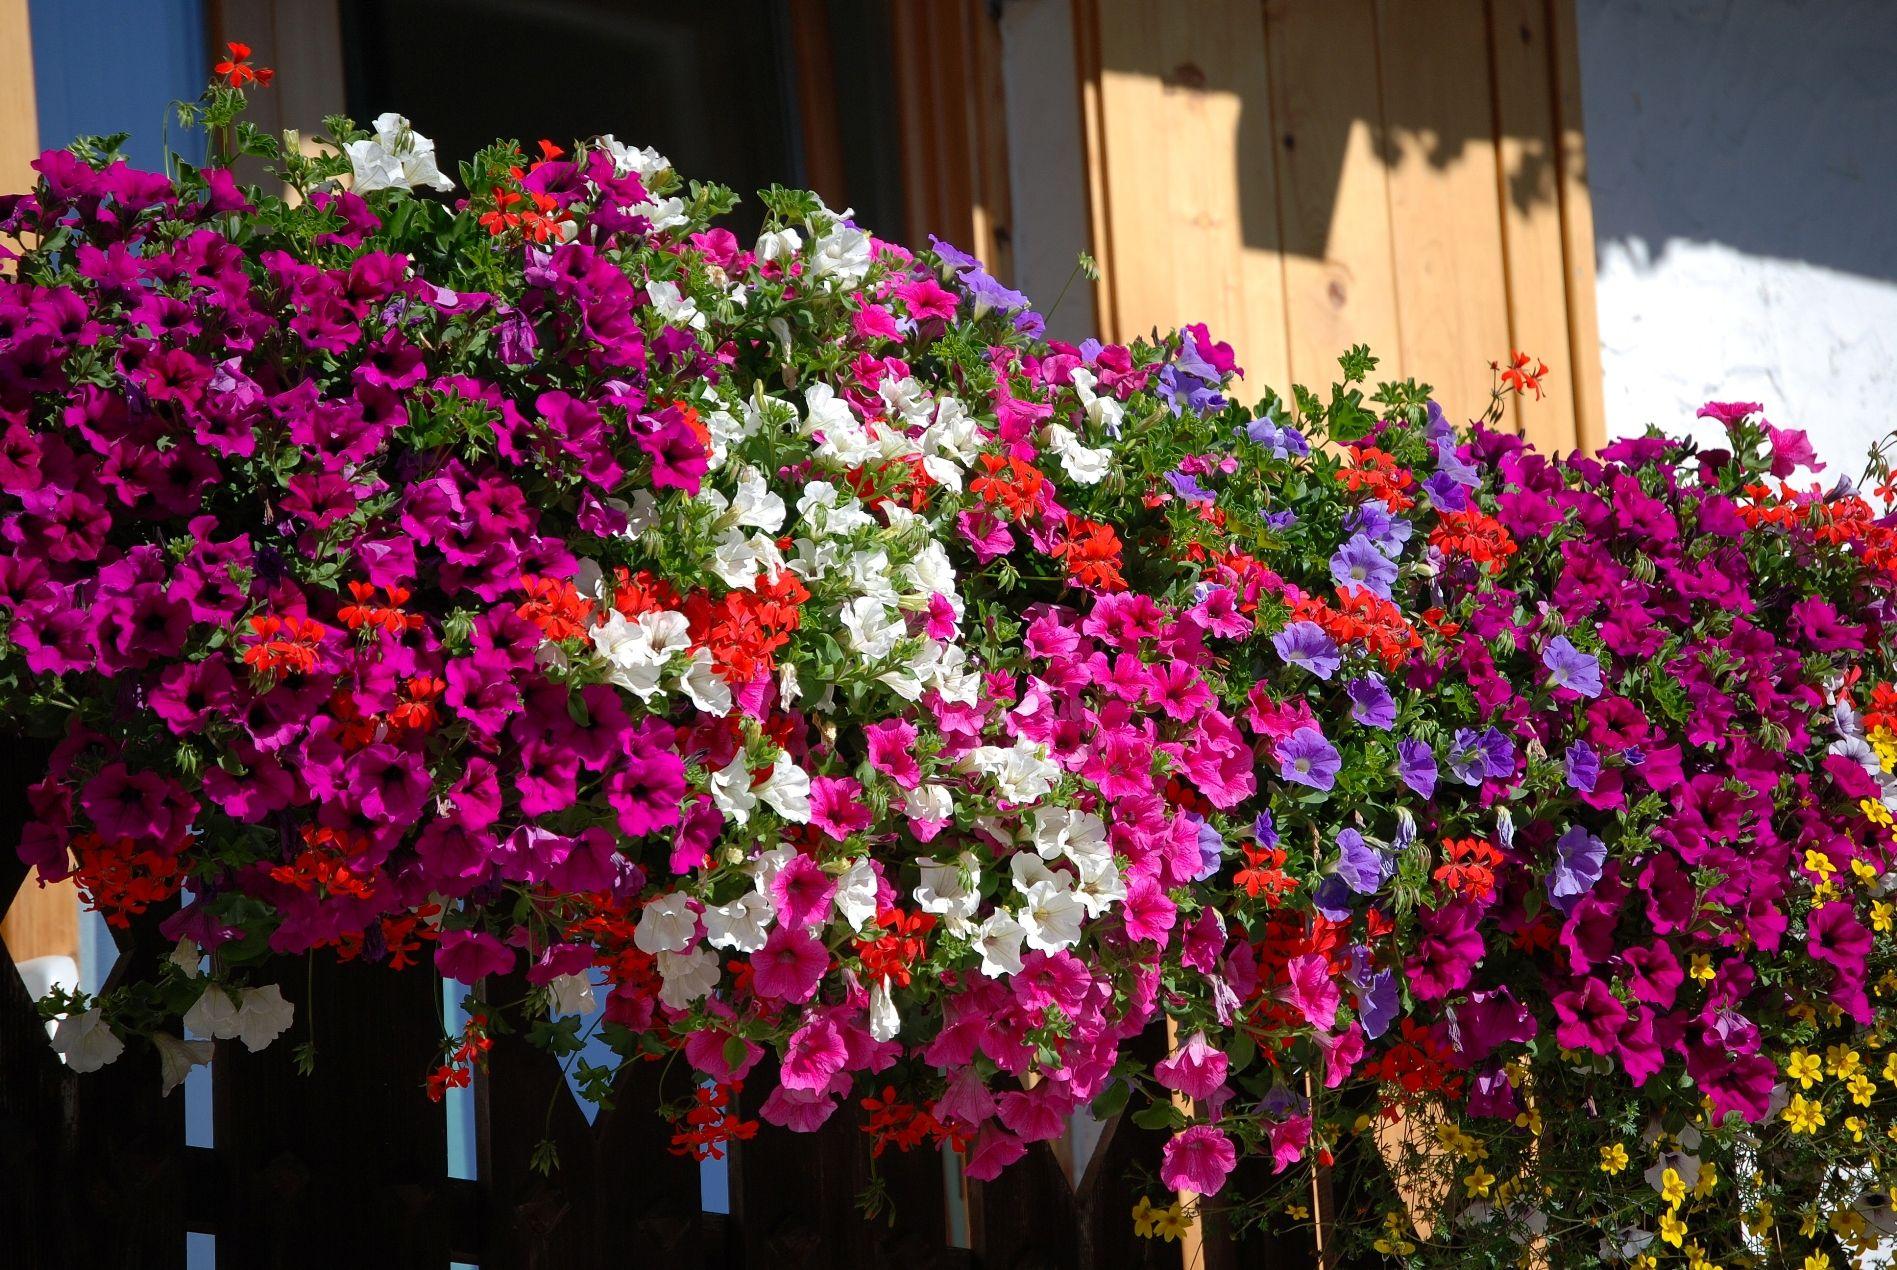 Fiori Da Balcone Ombra il segreto per avere un bellissimo balcone fiorito | bigodino